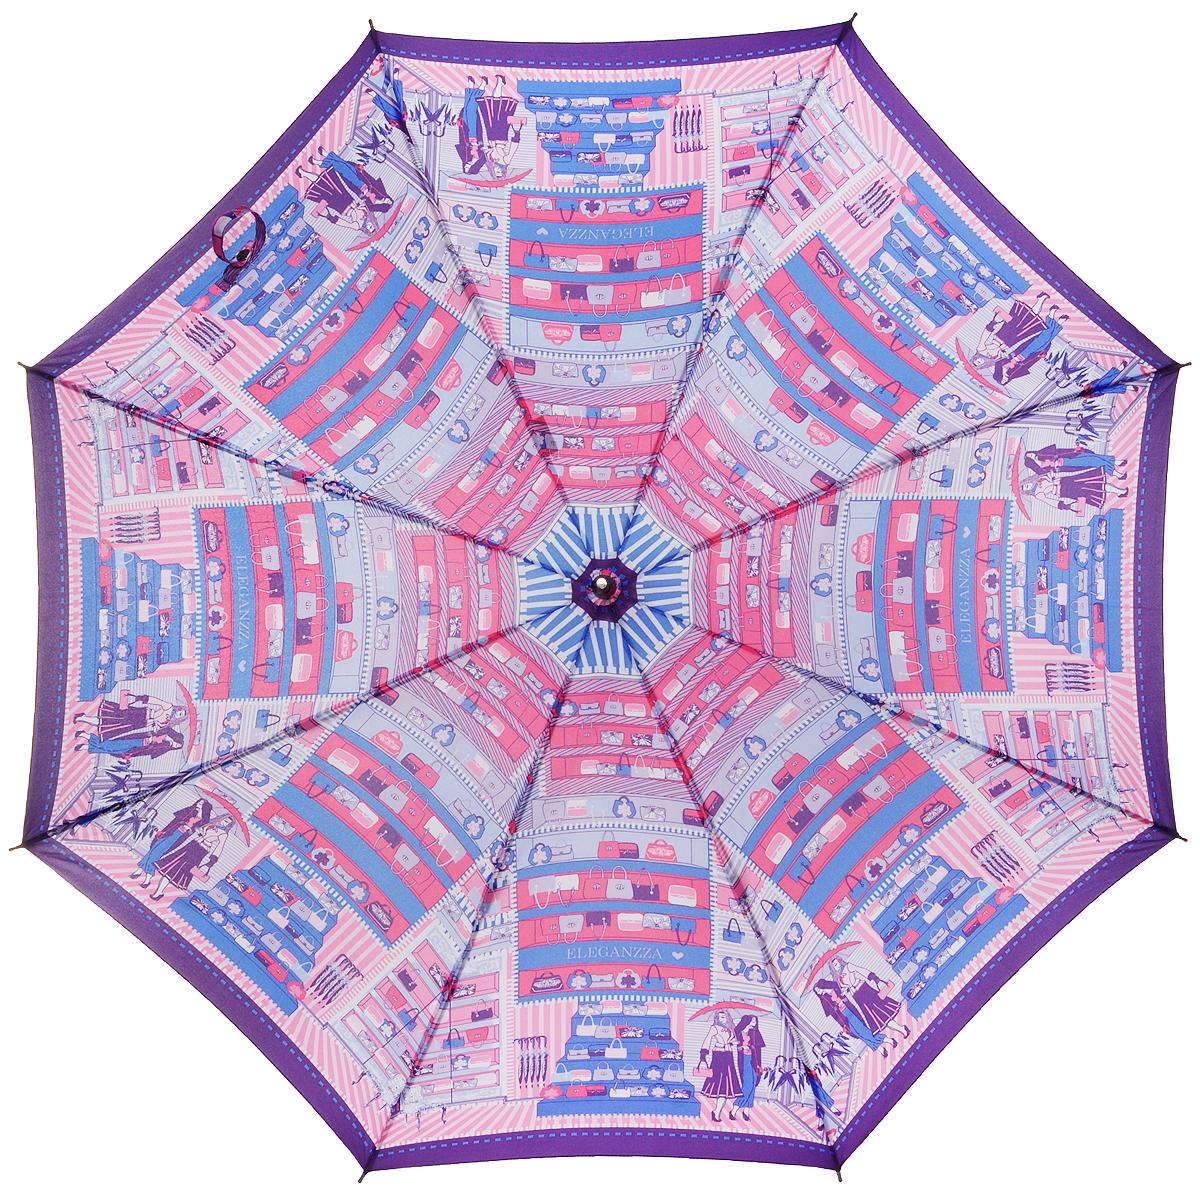 Зонт-трость женский Eleganzza, полуавтомат, 3 сложения, цвет: фиолетовый, голубой, розовый. T-05-0225T-05-0225Элегантный женский зонт-трость Eleganzza не оставит вас незамеченной. Изделие оформлено оригинальным принтом. Зонт состоит из восьми спиц изготовленных из фибергласса и стержня из стали. Купол выполнен из качественного полиэстера и эпонжа, которые не пропускают воду. Зонт дополнен удобной ручкой из матового пластика, которая имеет форму крючка. Также зонт имеет заостренный наконечник, который устраняет попадание воды на стержень и уберегает зонт от повреждений. Зонт оснащен удобным ремешком, благодаря которому зонт можно носить на плече. Изделие имеет полуавтоматический механизм сложения: купол открывается нажатием кнопки на ручке, а складывается вручную до характерного щелчка. Оригинальный и практичный аксессуар даже в ненастную погоду позволит вам оставаться женственной и привлекательной.